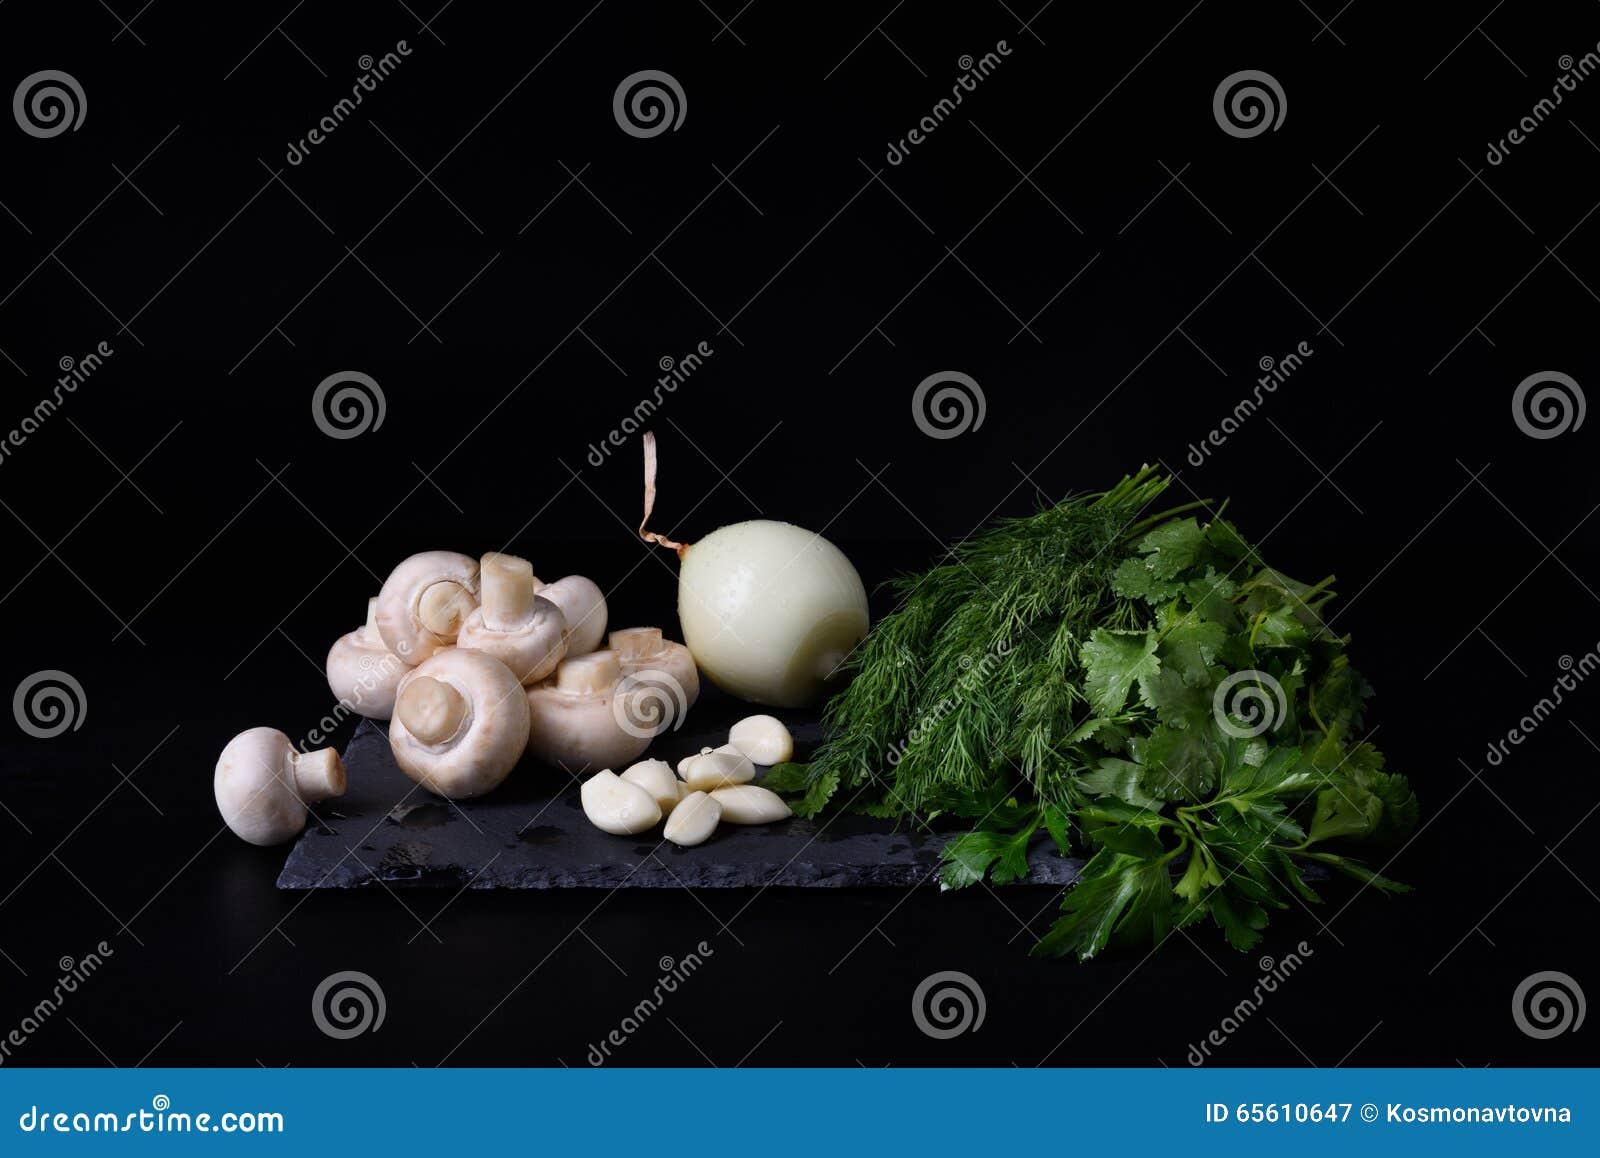 Νέα λαχανικά άνοιξη στον πίνακα πλακών, μαύρο υπόβαθρο Champignons, άνηθος, σκόρδο, κρεμμύδι